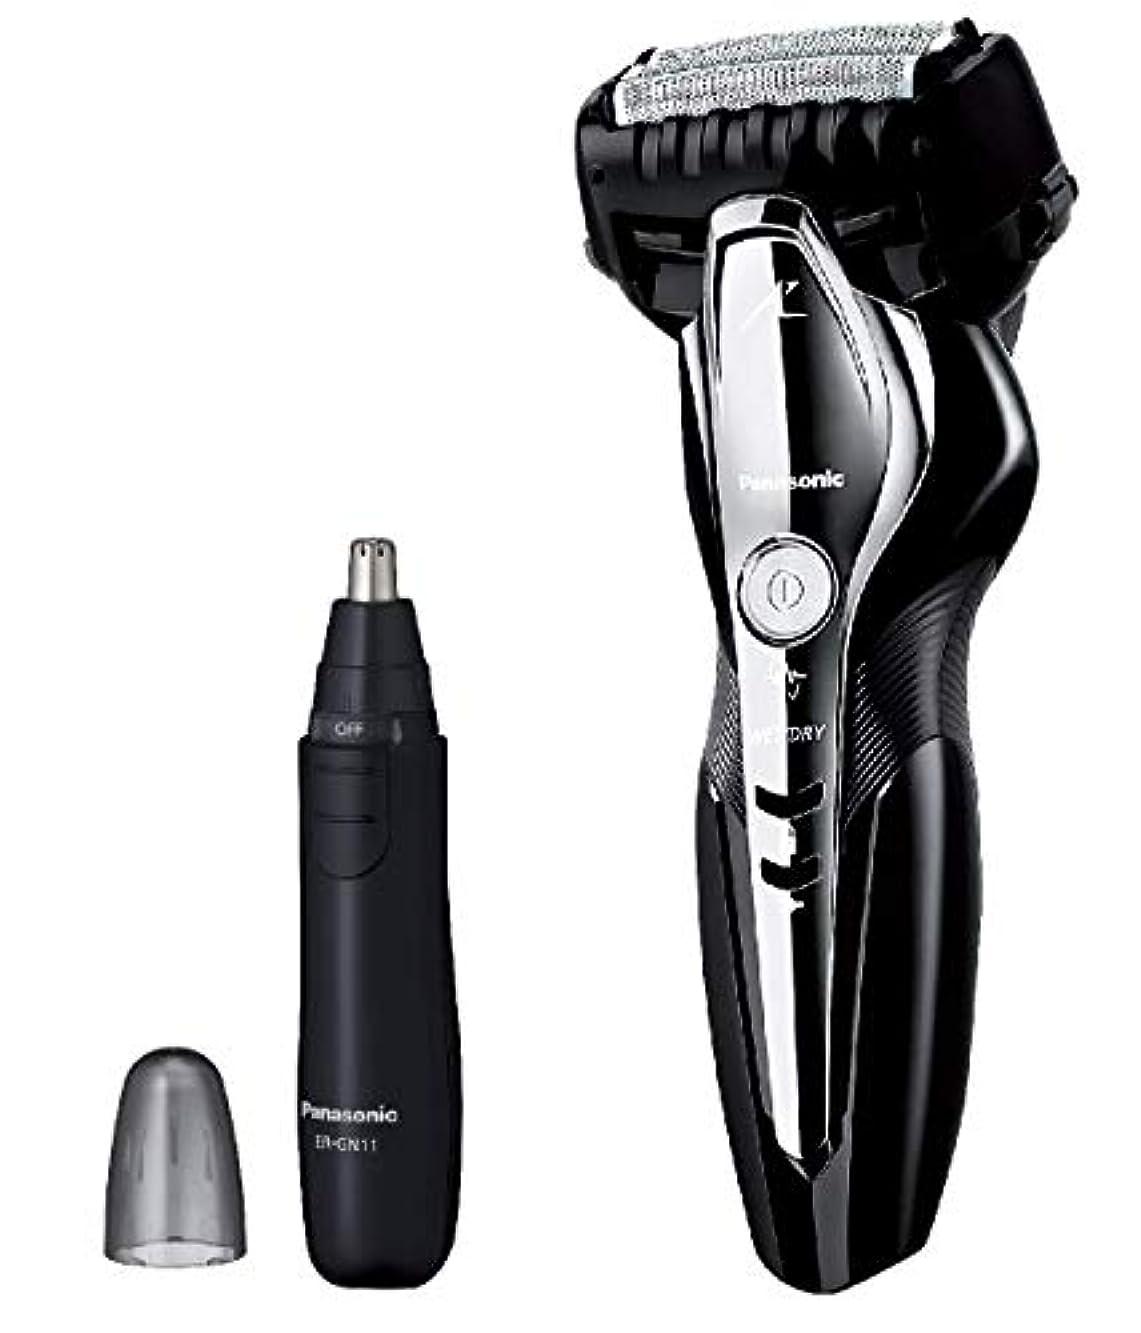 ゆでるトランクライブラリカフェパナソニック ラムダッシュ メンズシェーバー 3枚刃 お風呂剃り可 黒 ES-ST2Q-K + エチケットカッターER-GN11-K セット